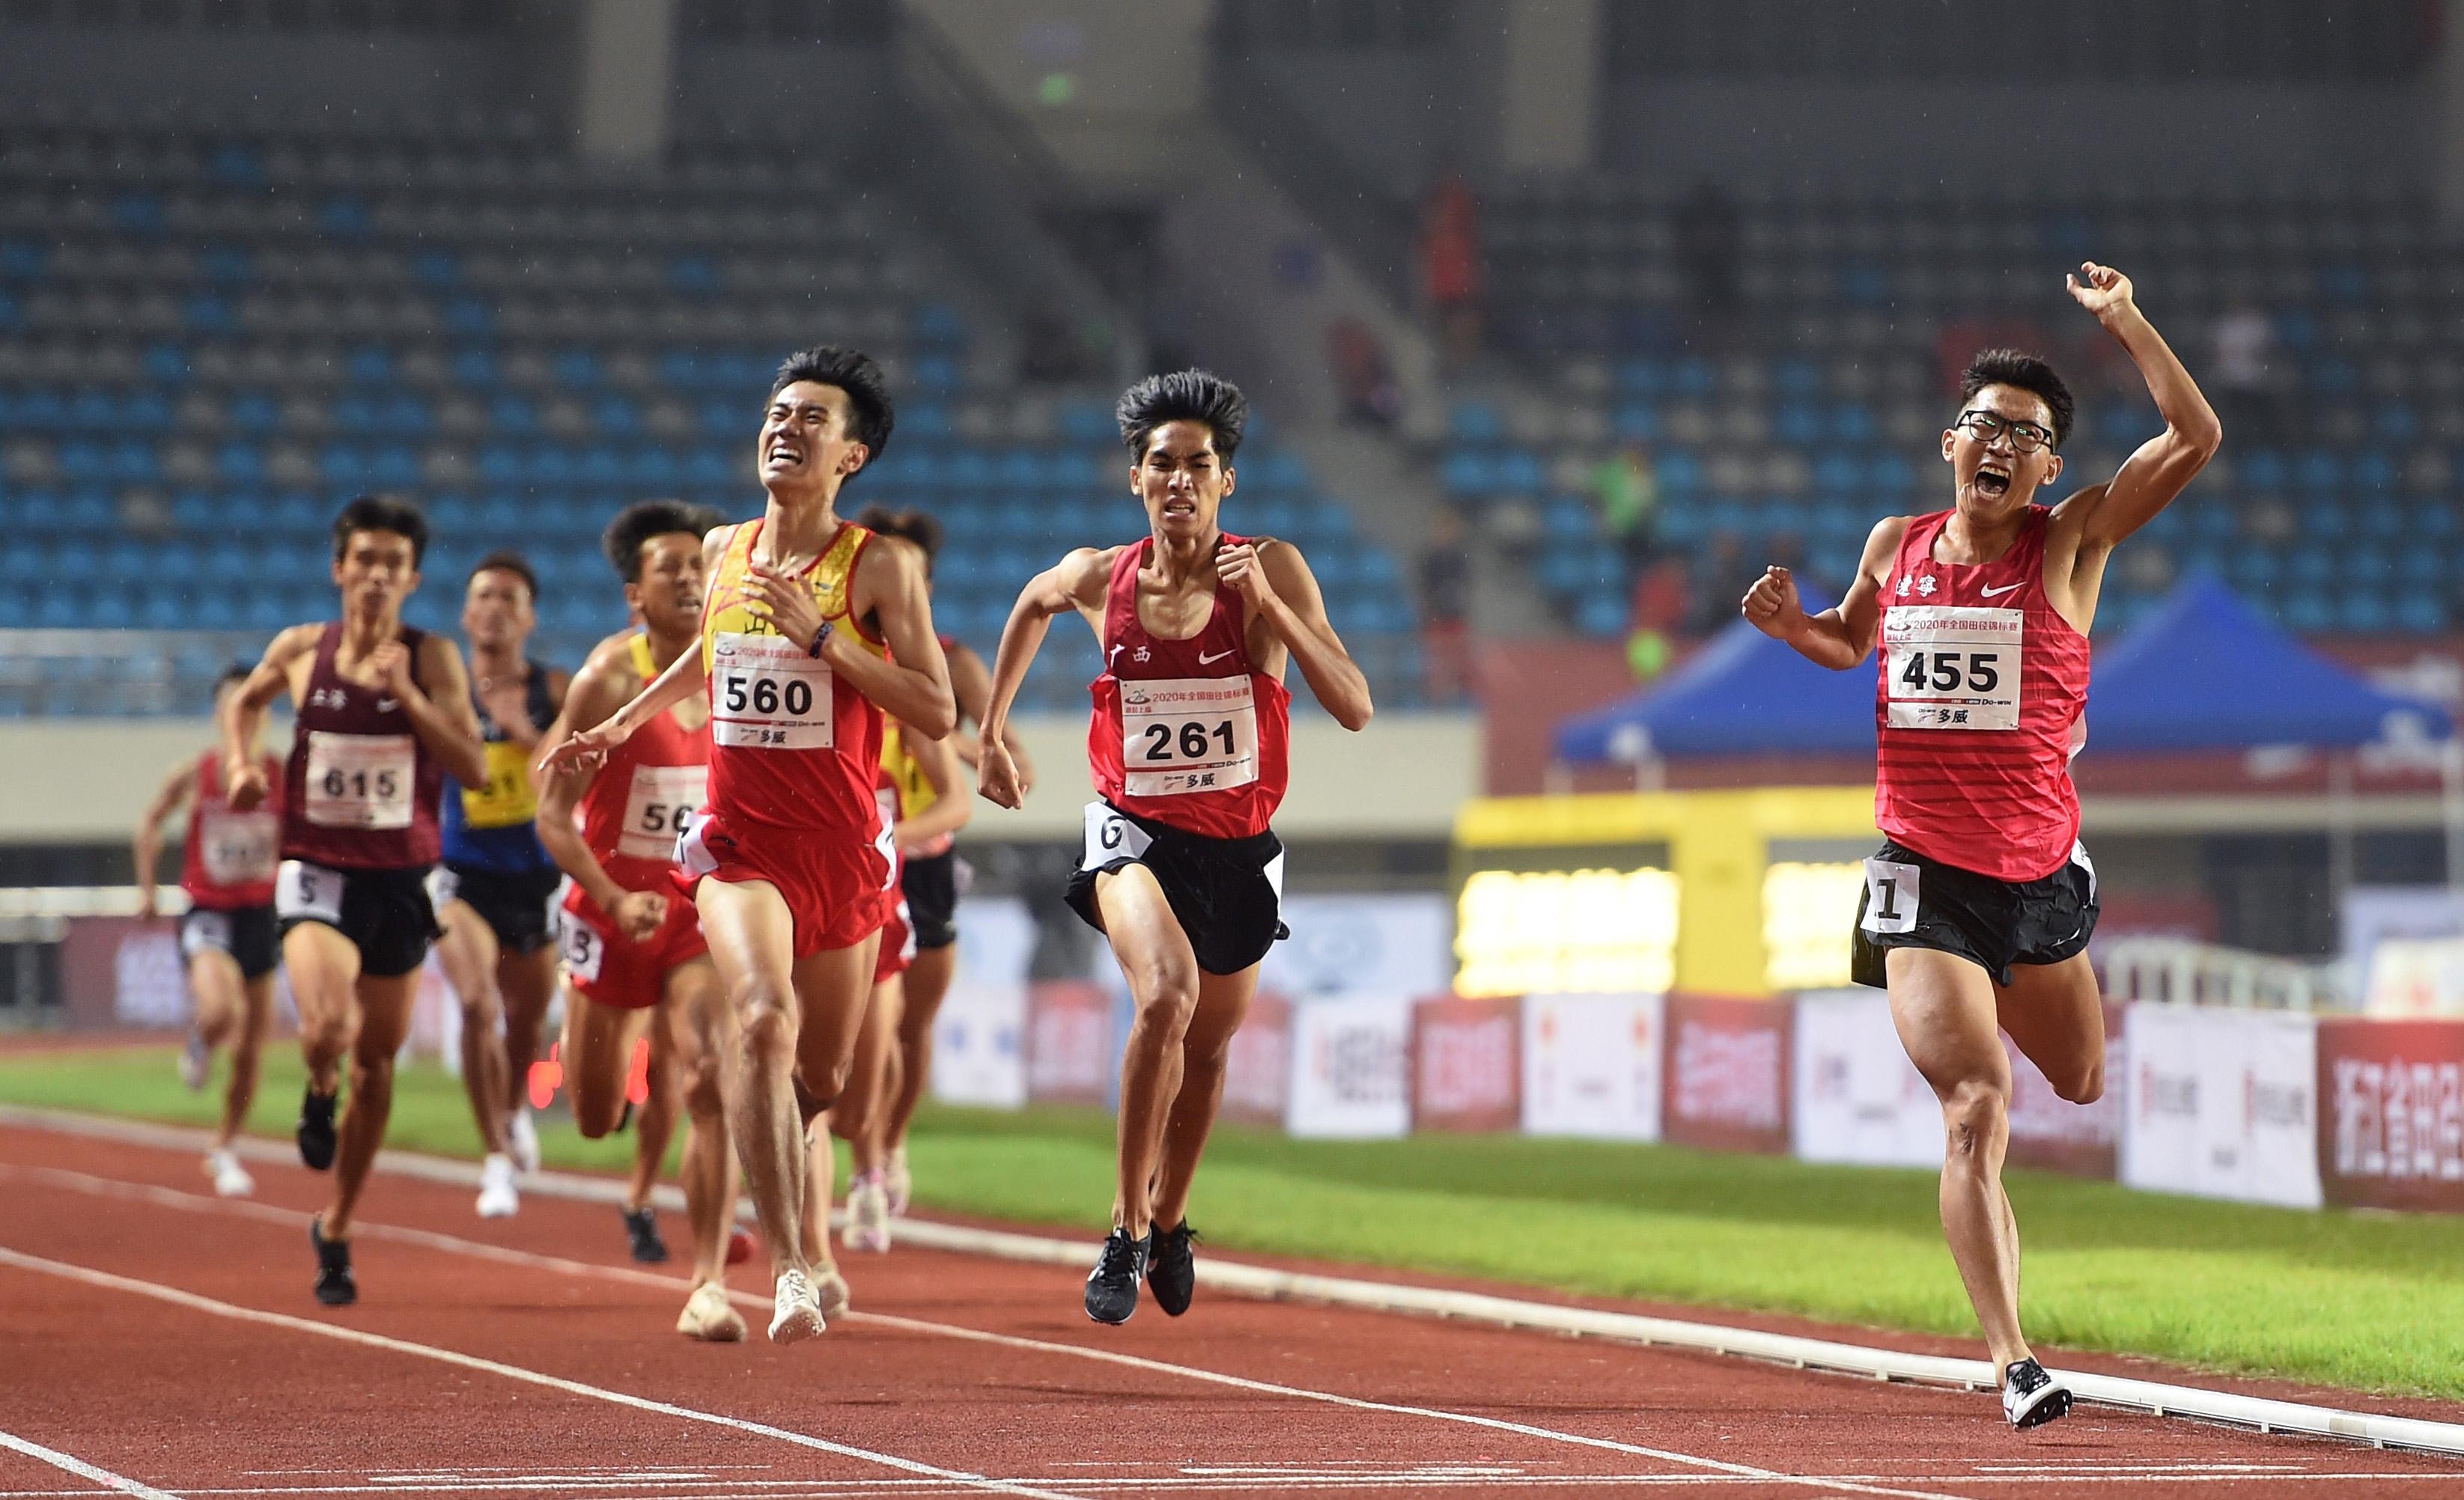 全国锦标赛:男子1500米决赛赛况